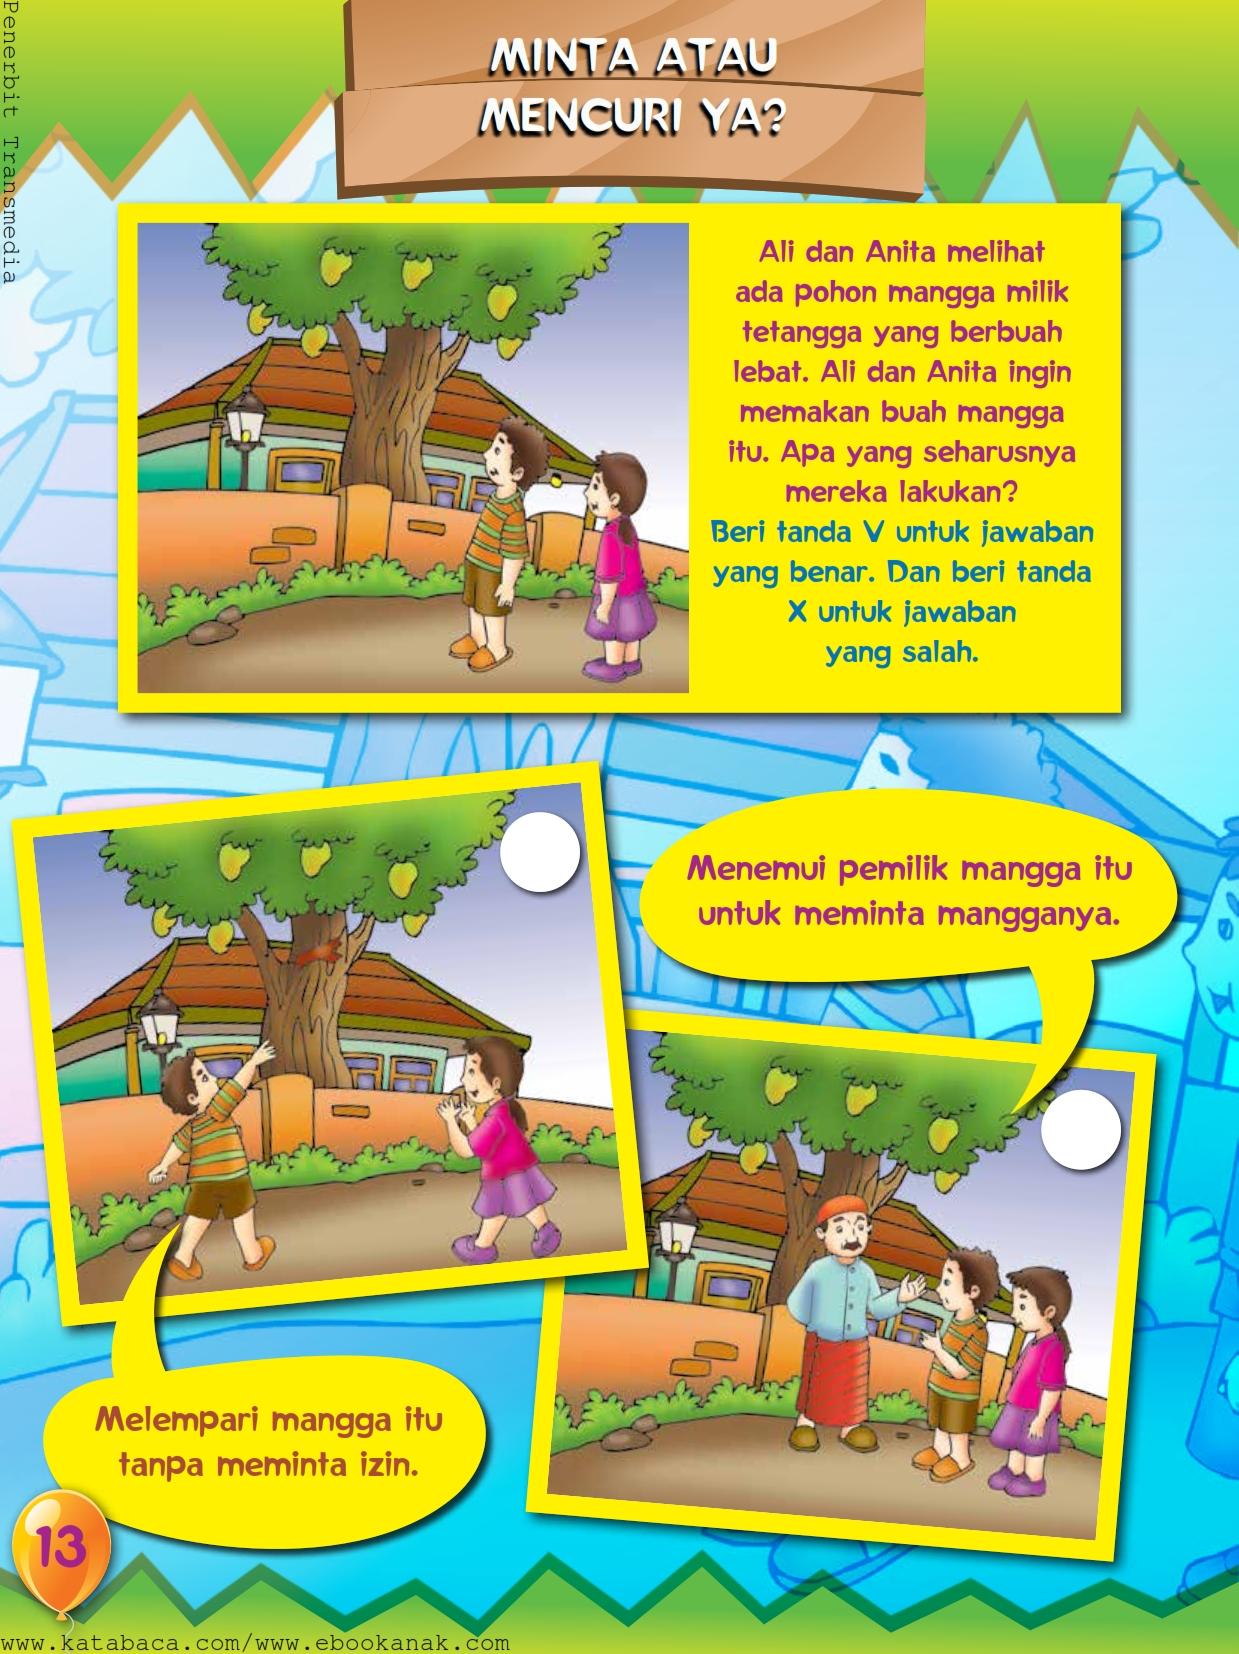 baca buku online, buku aktivitas anak jenius TK A B_016 tidak boleh mengambil milik orang lain tanpa seizinnya